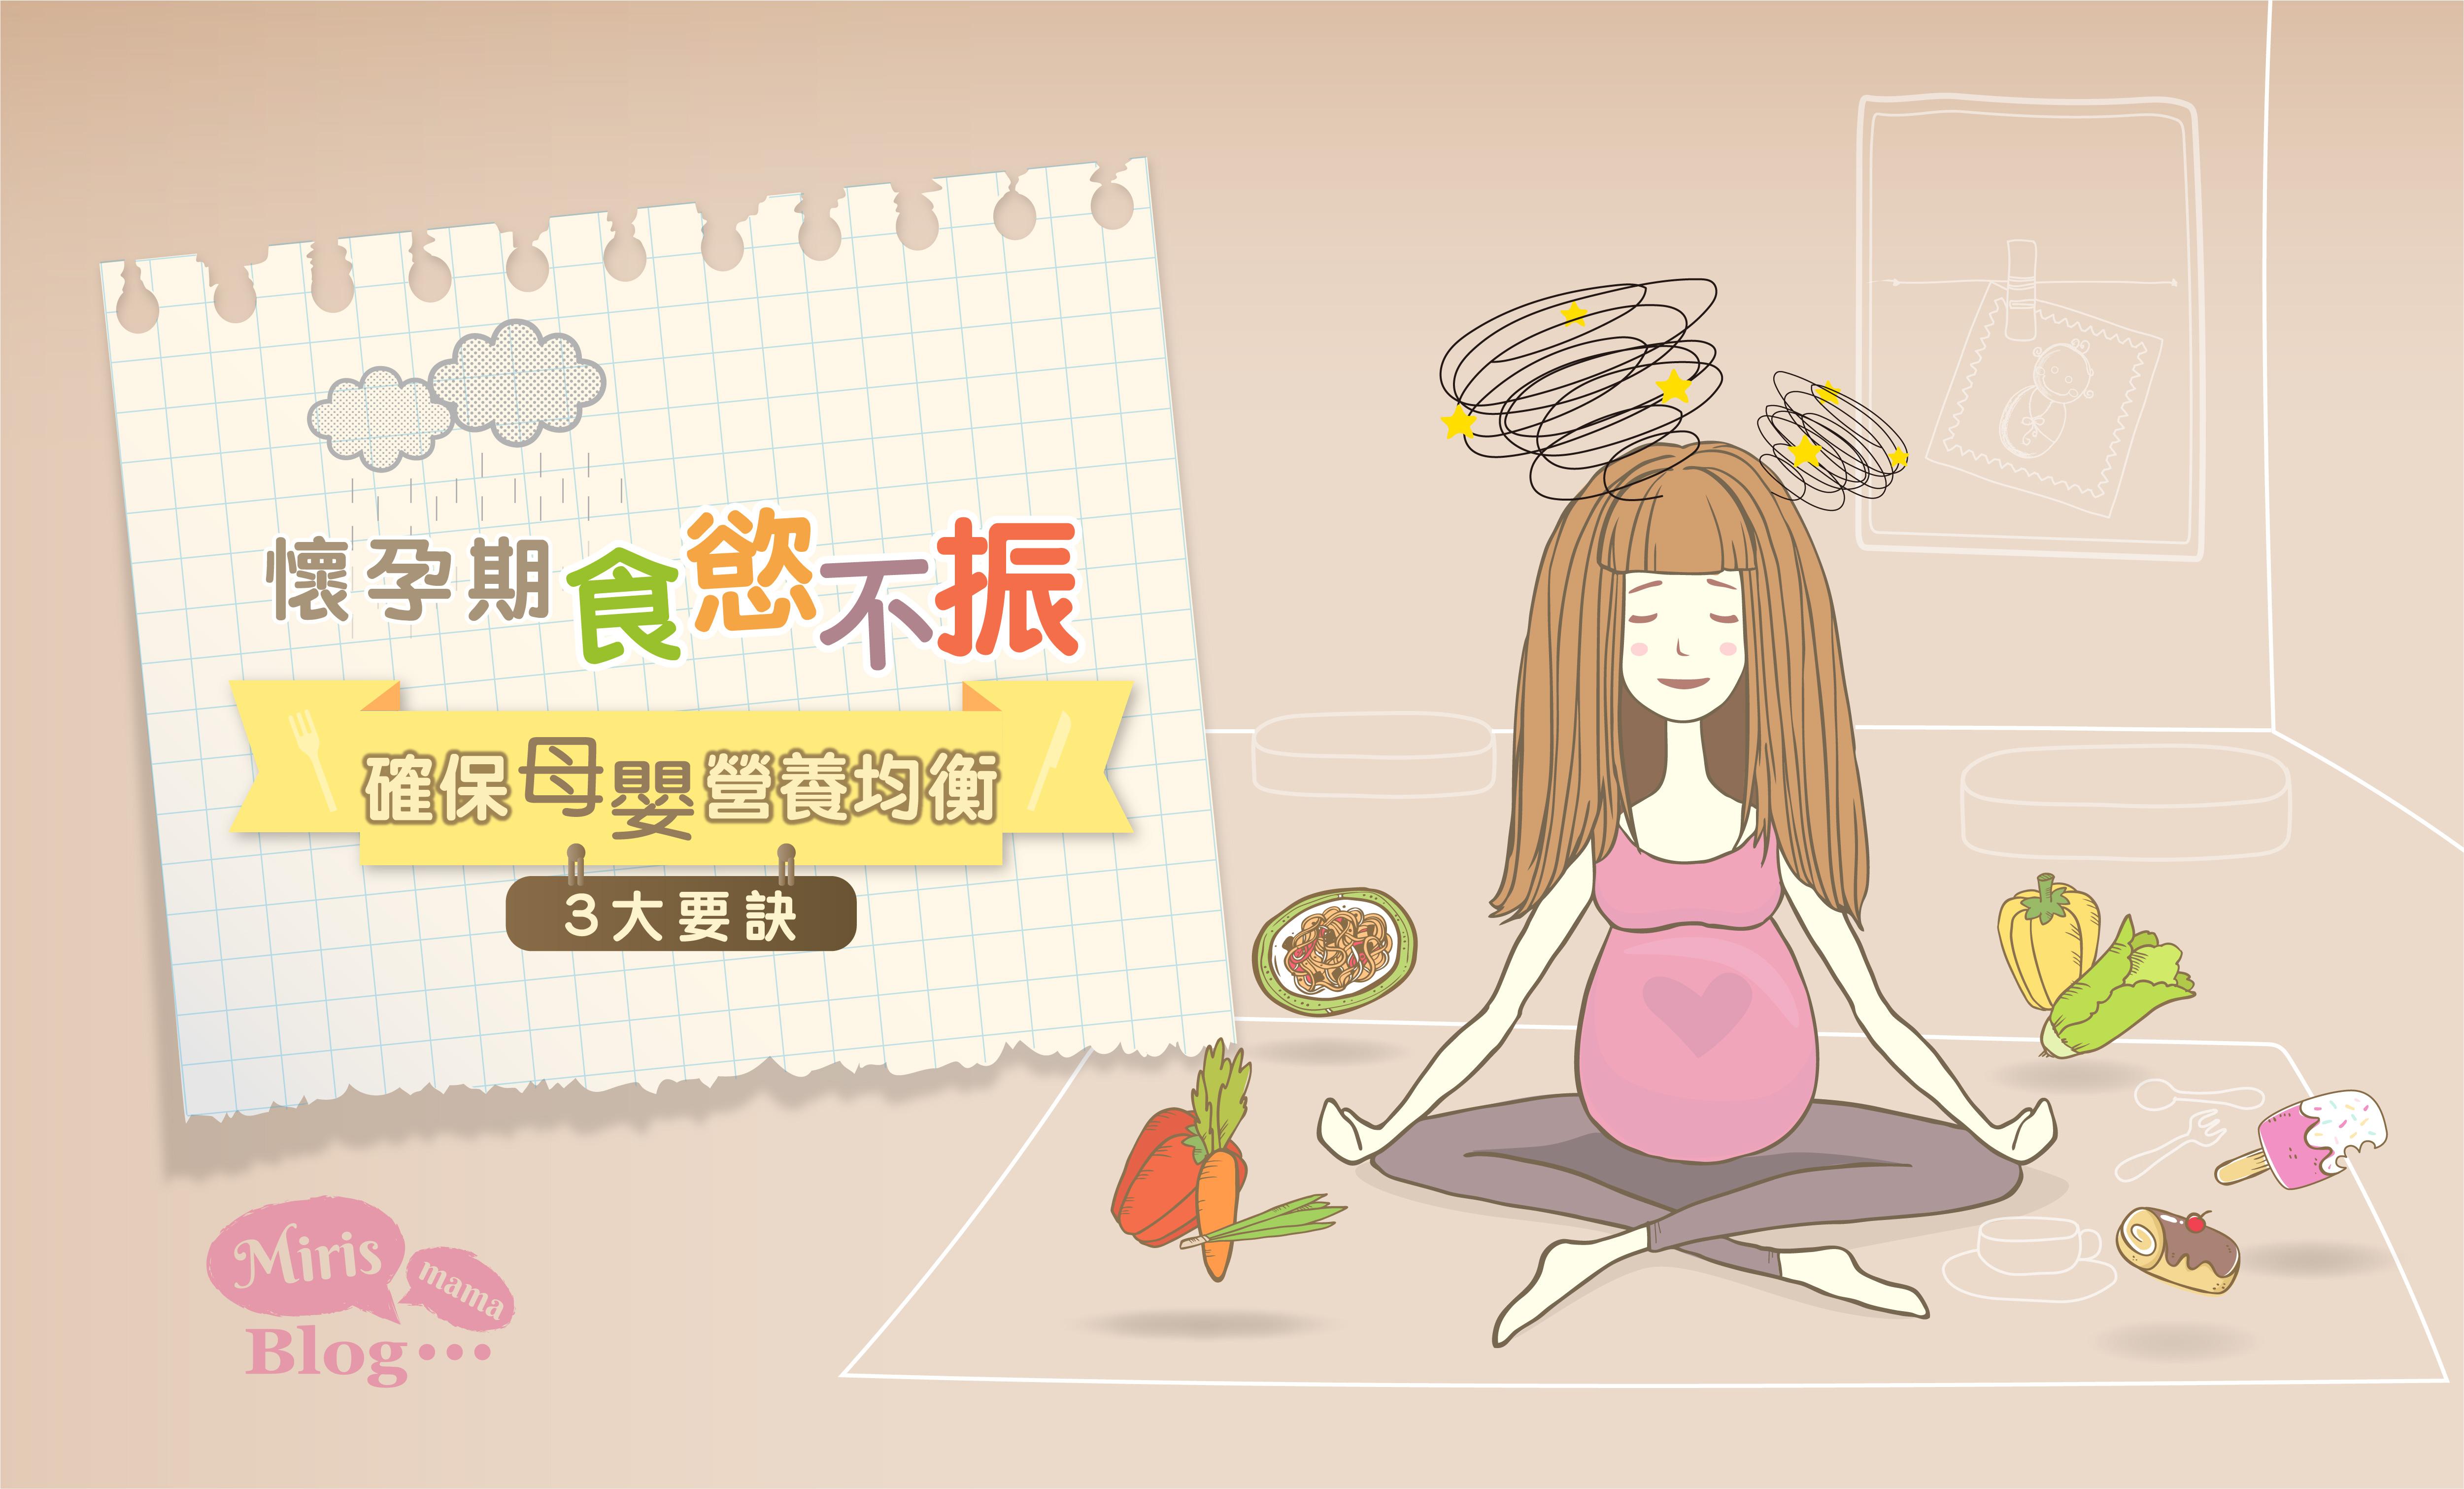 懷孕期食慾不振?確保母嬰營養均衡的3大要訣